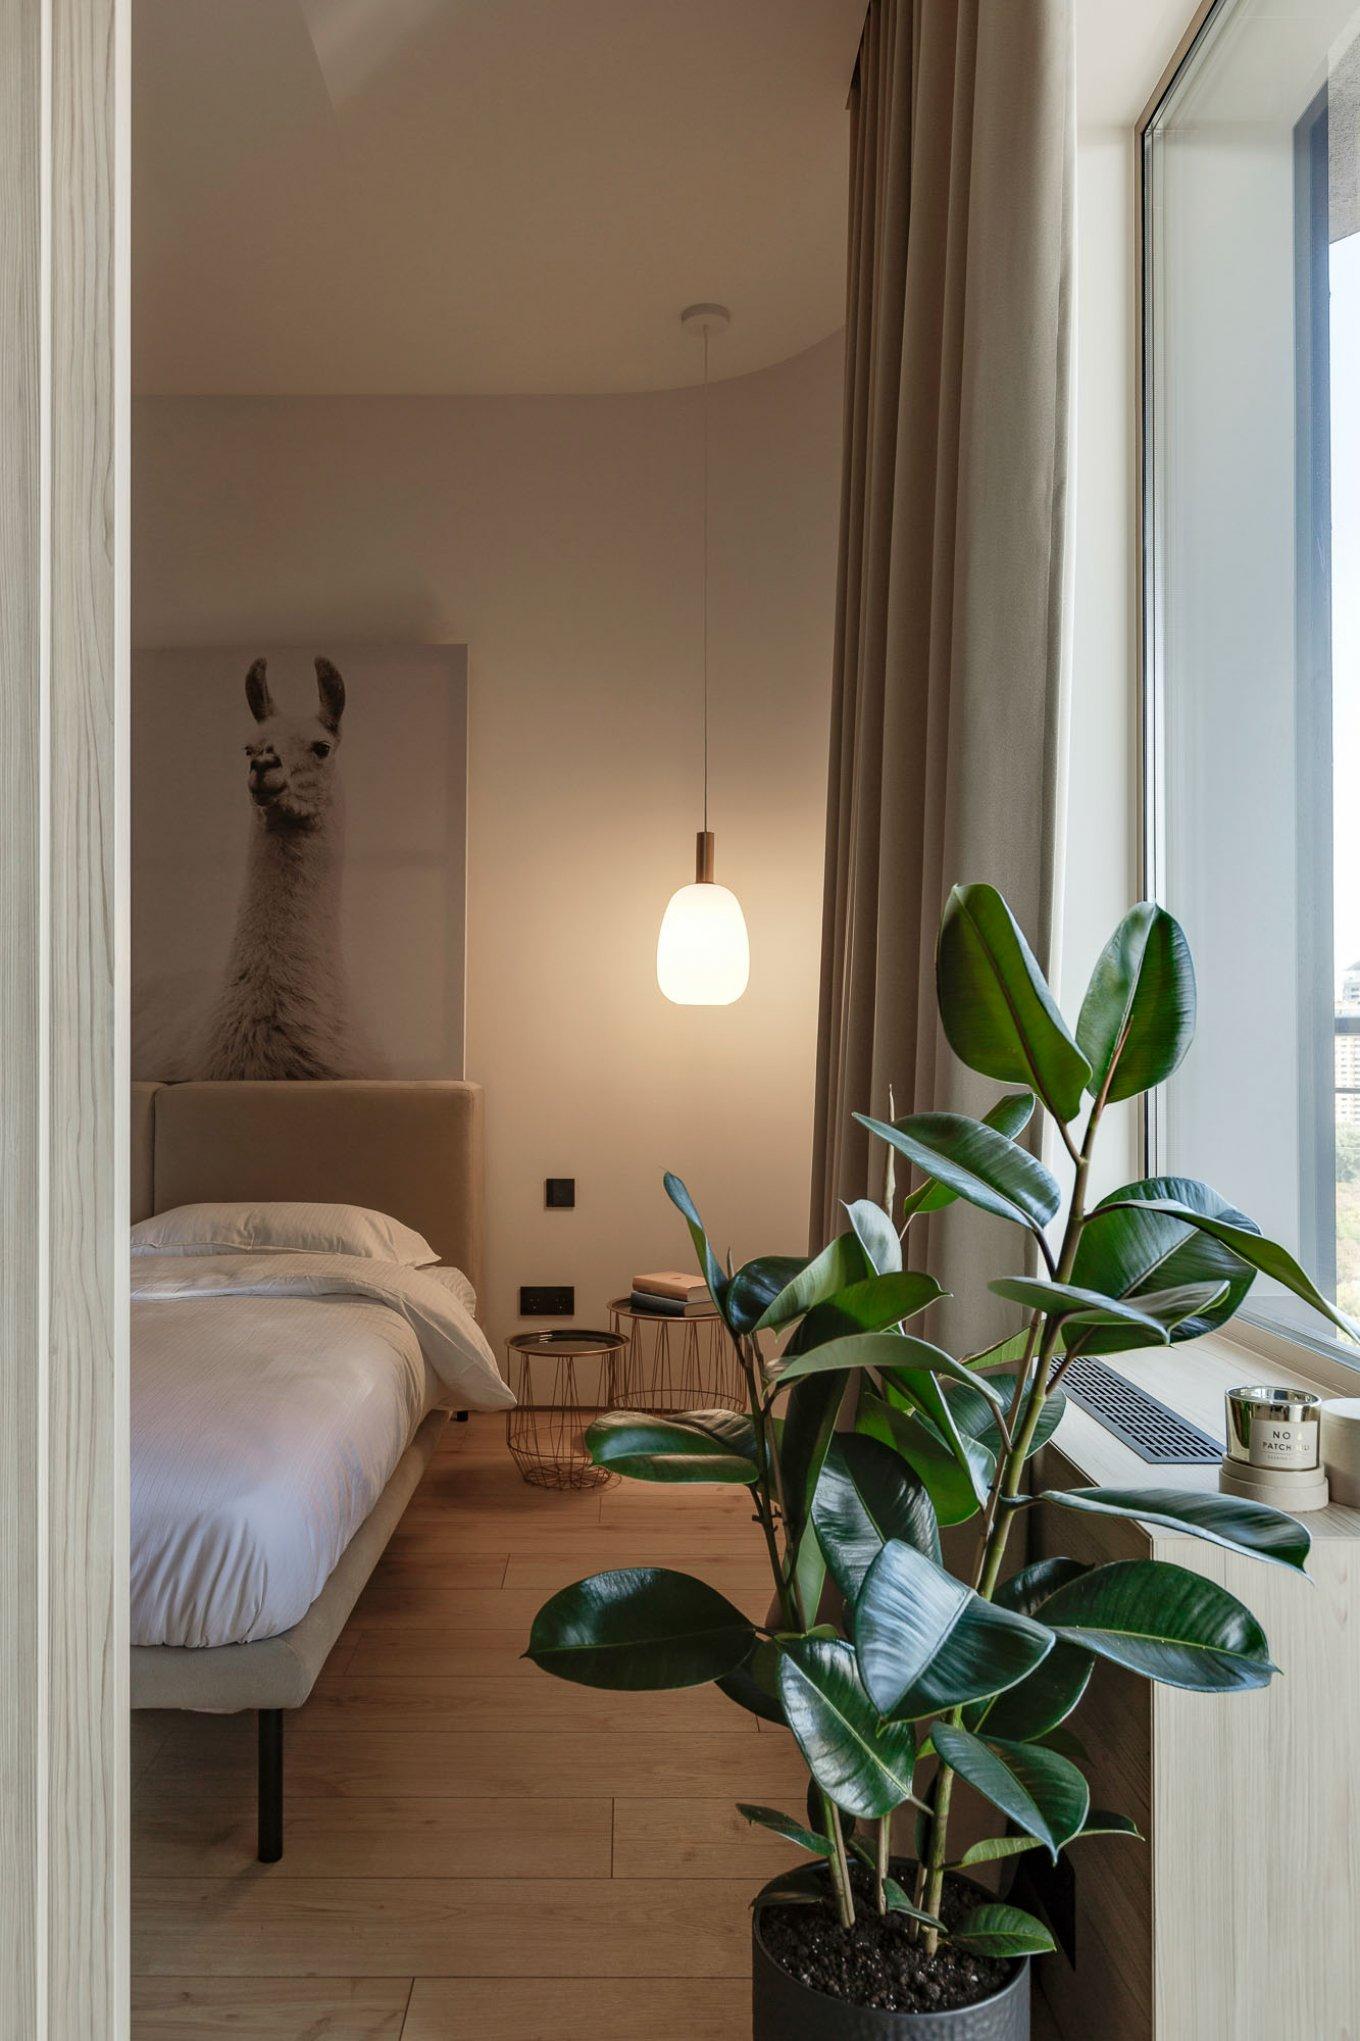 Laminatboden Hotel California LA144SYSV4 im Schlafzimmer mit modernem Bett helle Holzoptik Schlafbereich